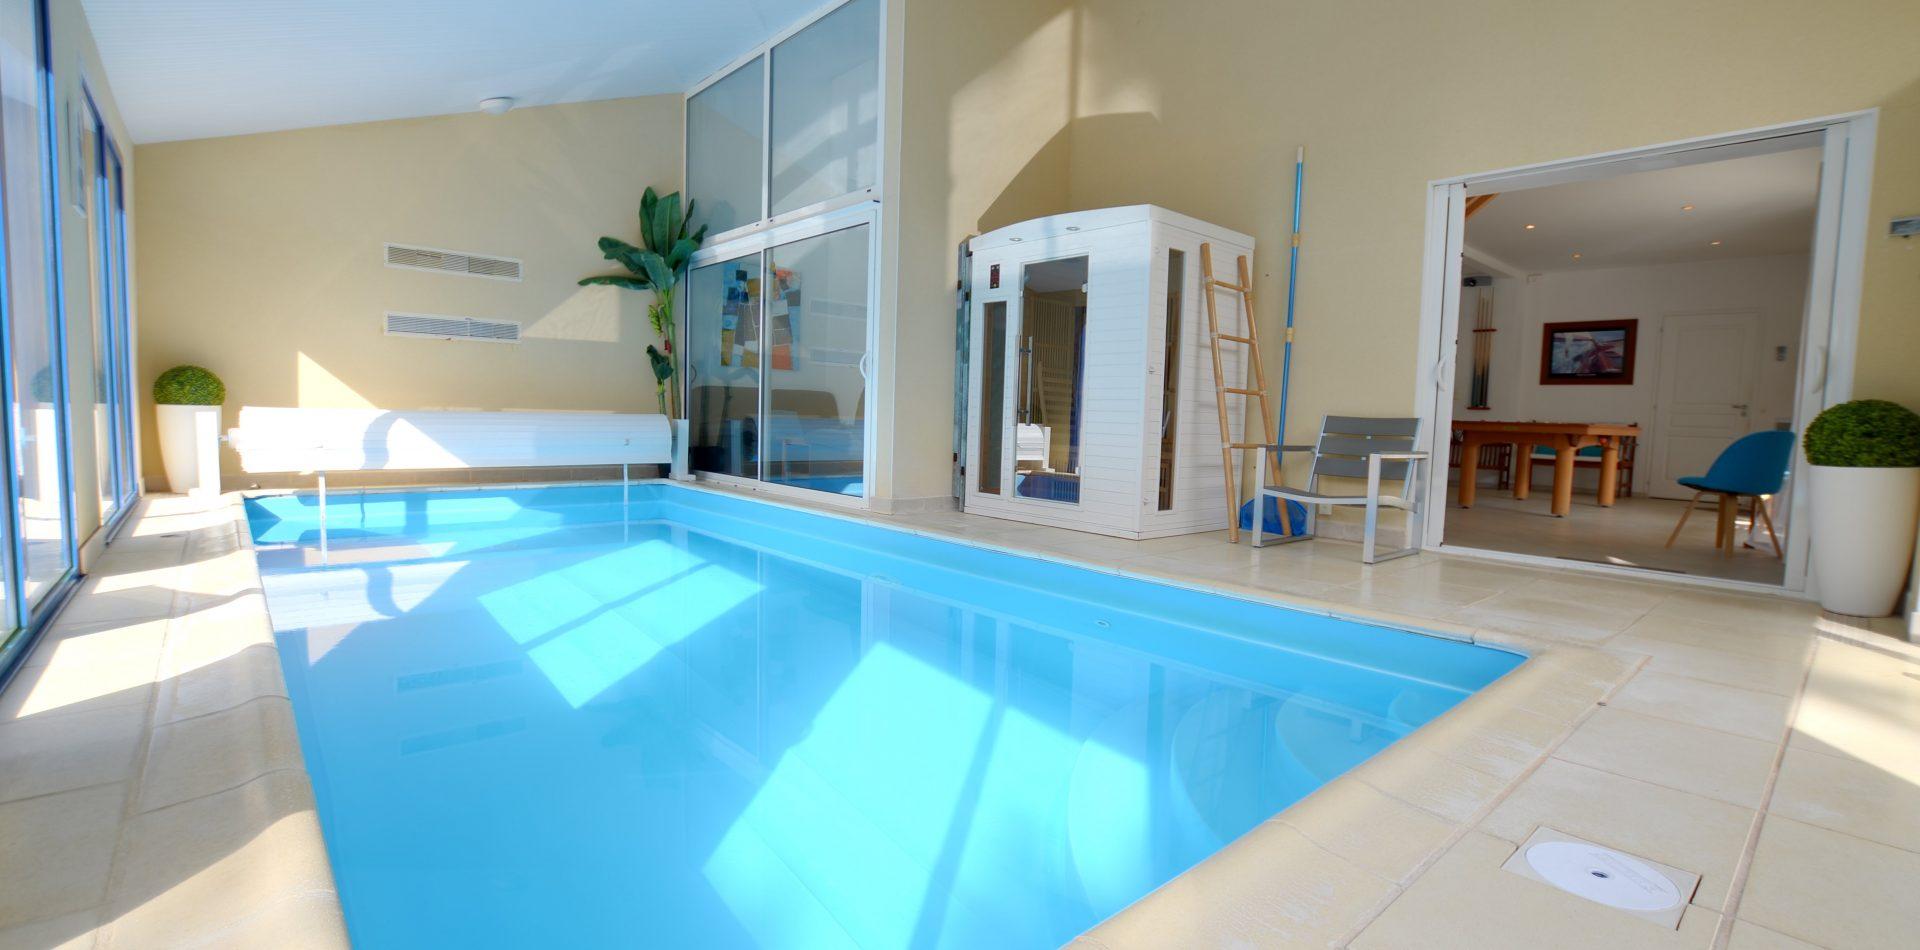 Villa Eden – Maison De Vacances***** En Vendée Avec Piscine ... tout Gite Avec Piscine Intérieure Privée